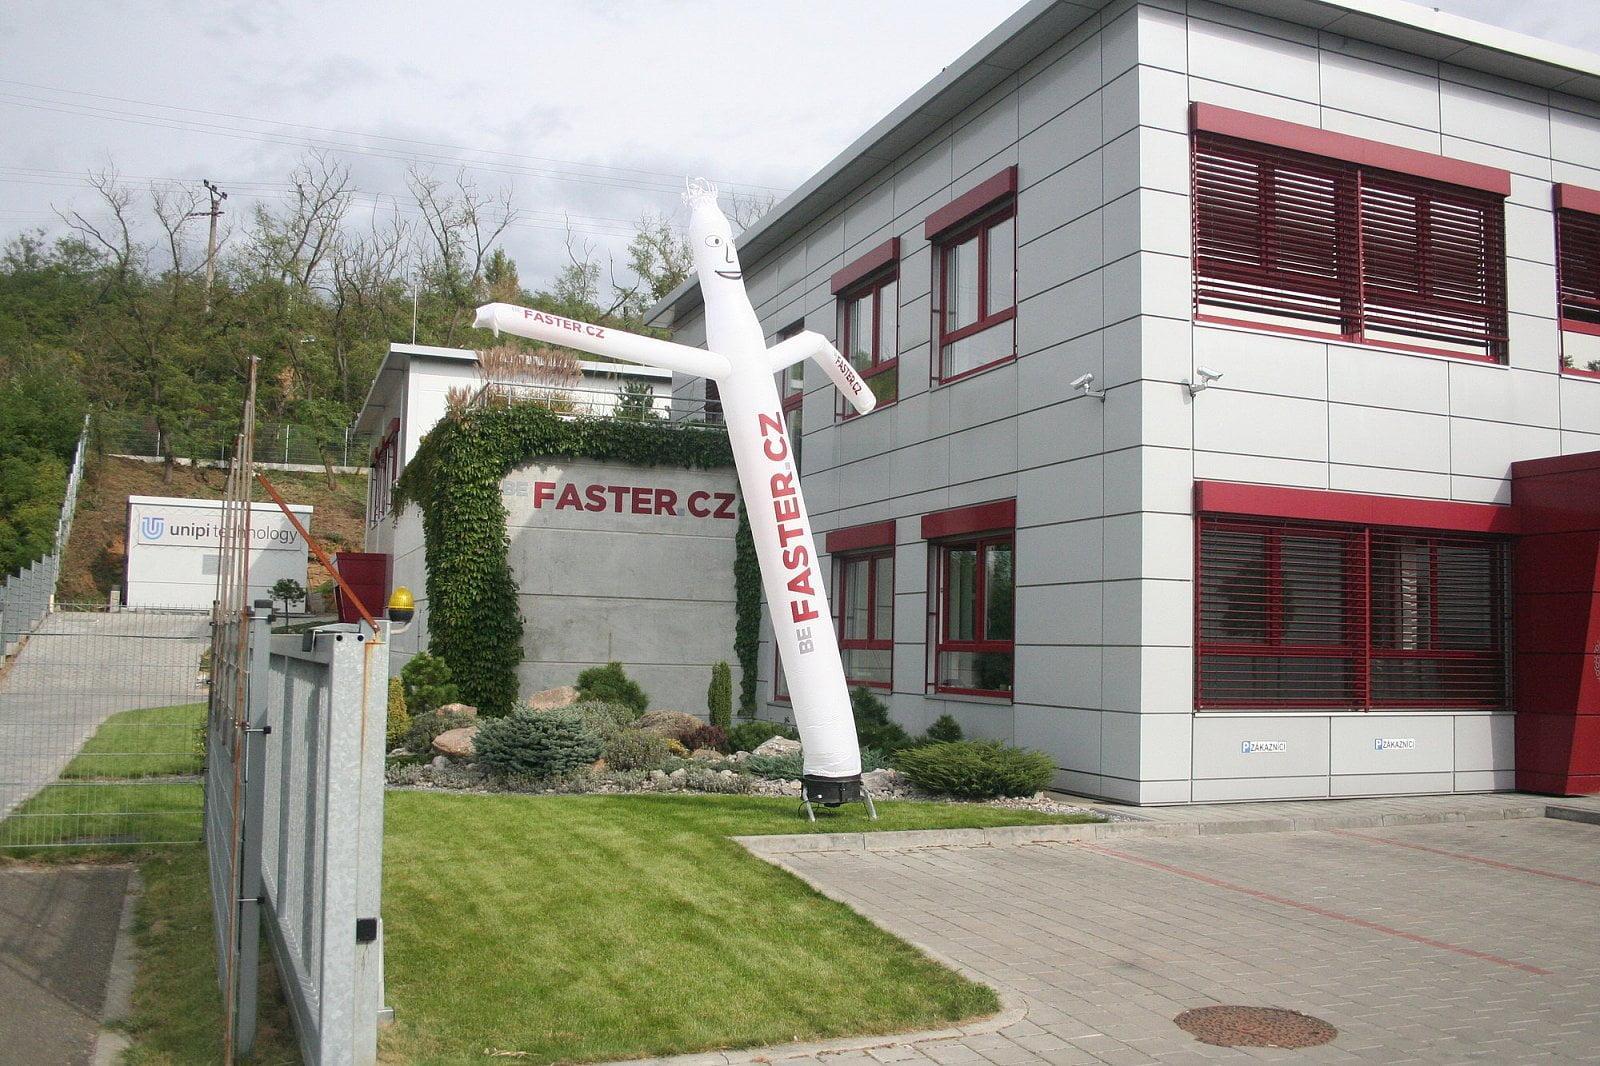 Faster druhé datacentrum